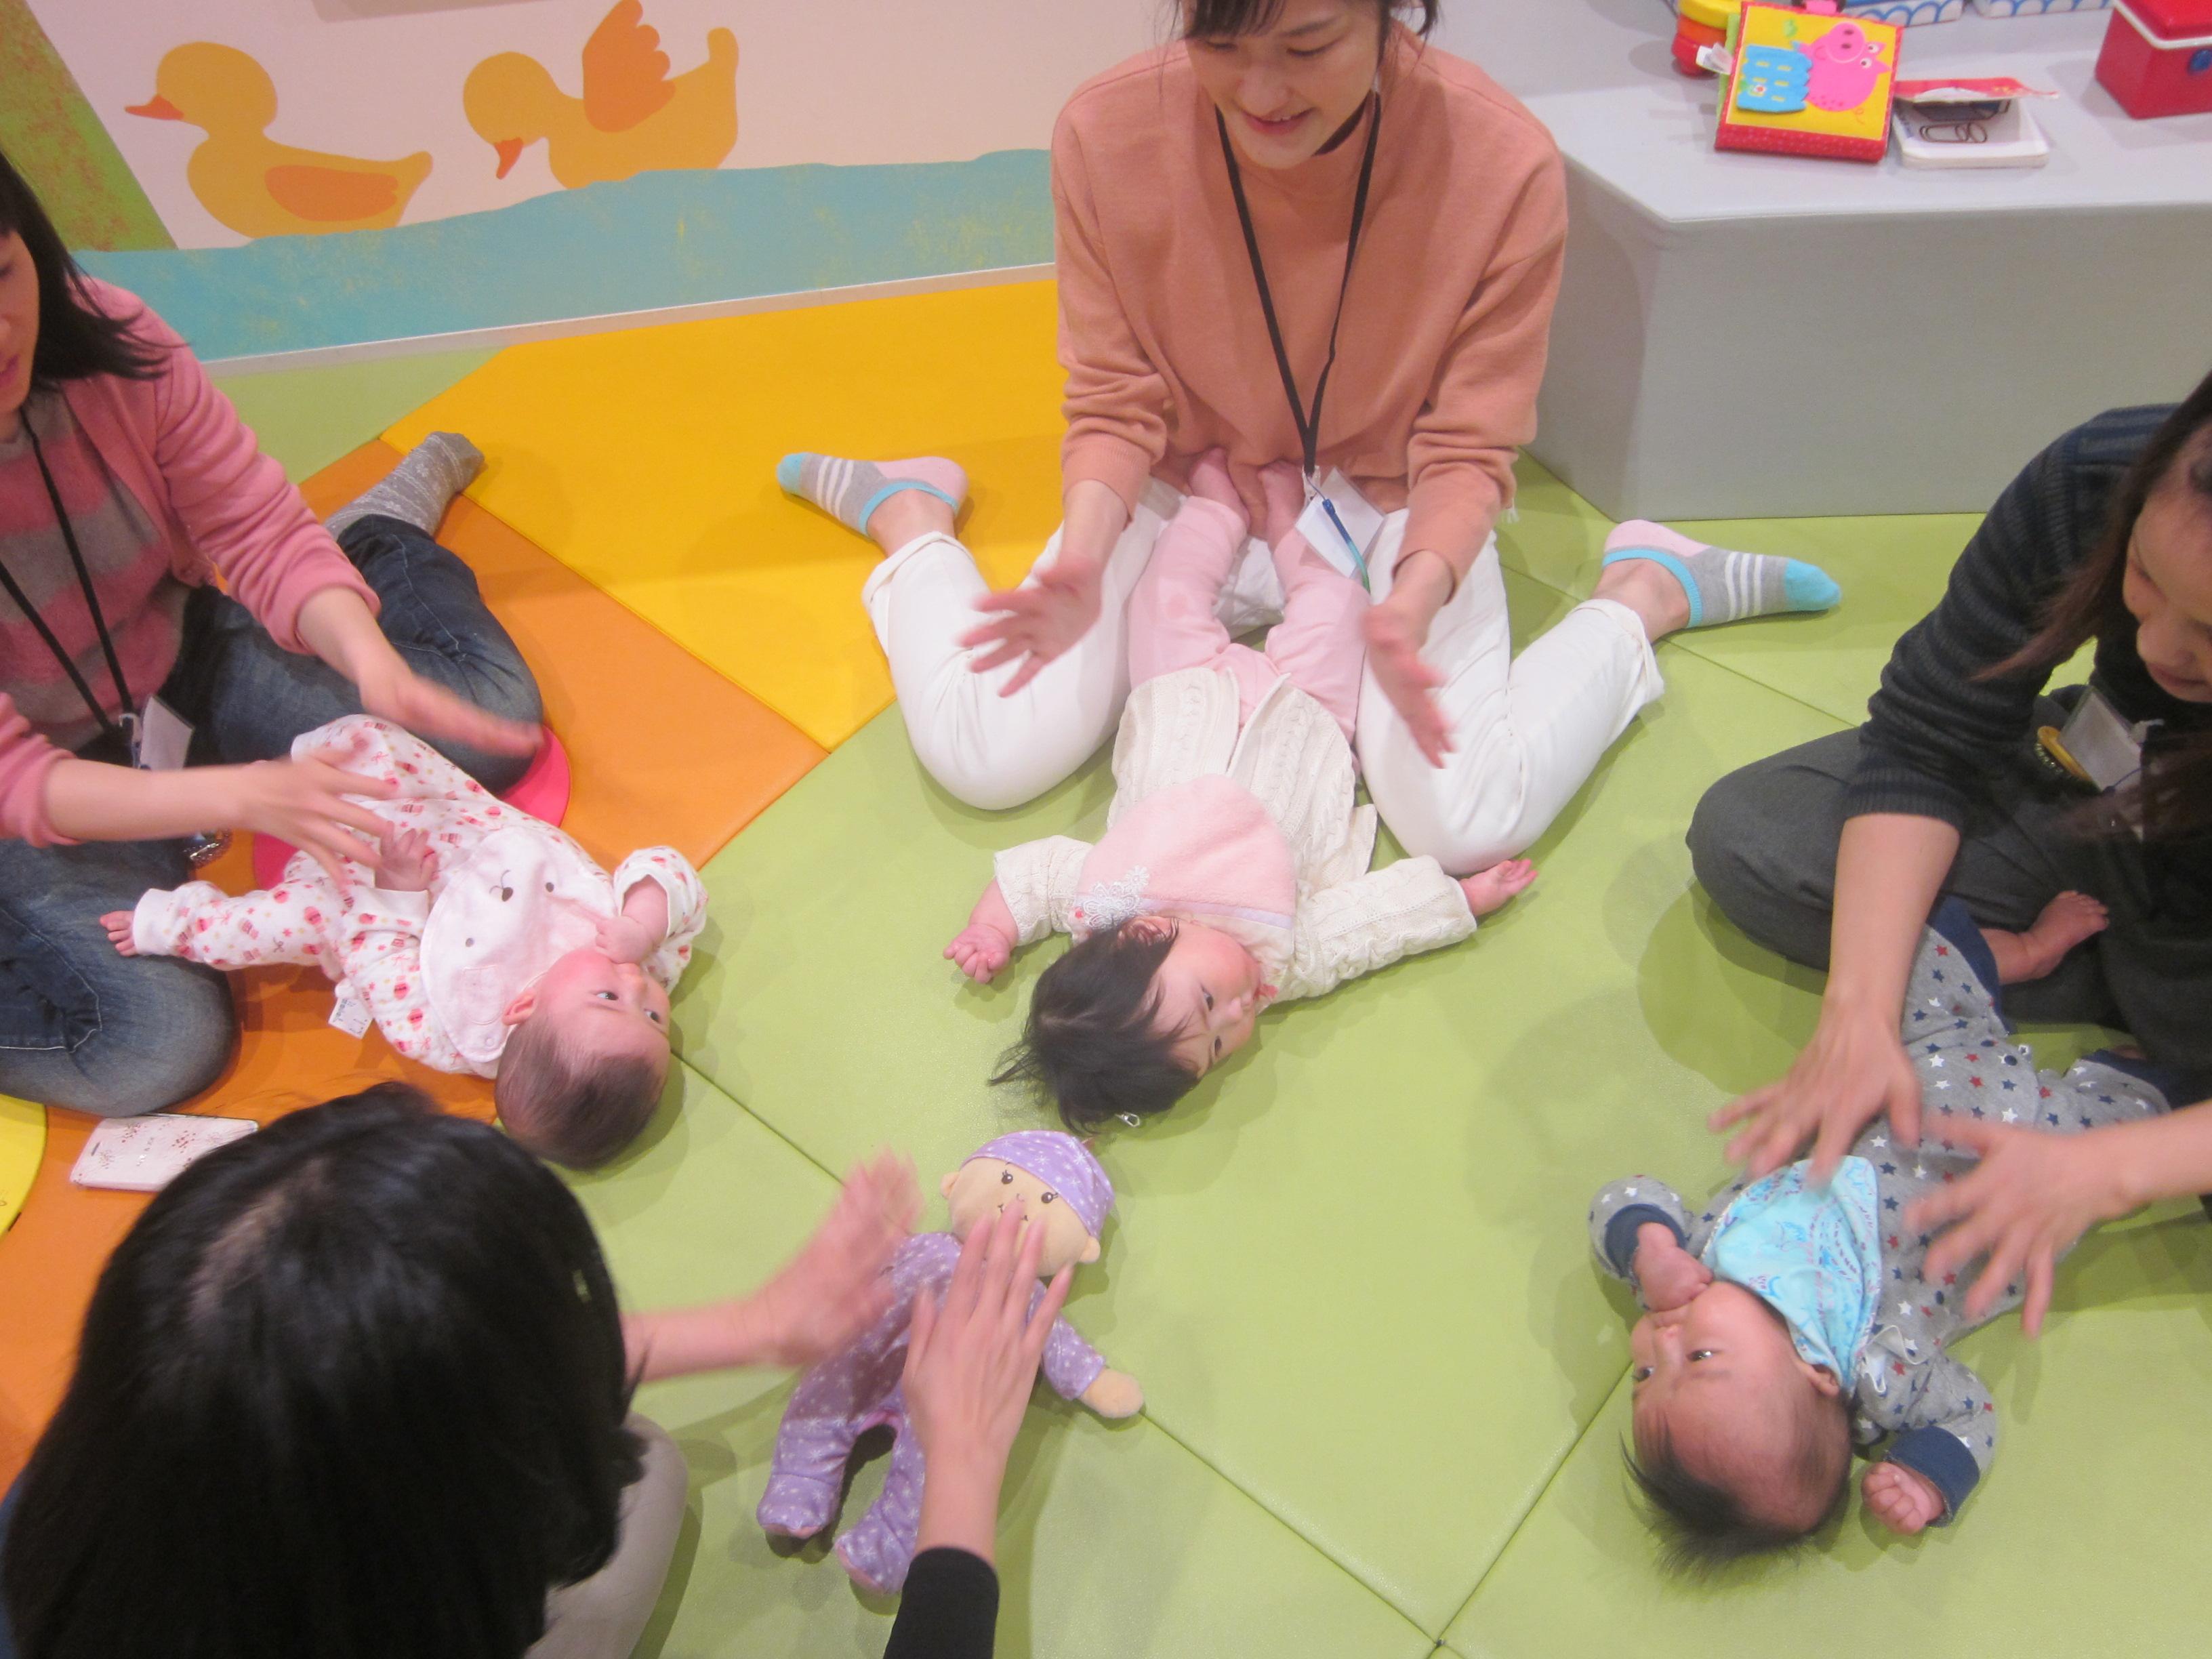 【6か月未満の赤ちゃん対象】プレキドキド体験会♪